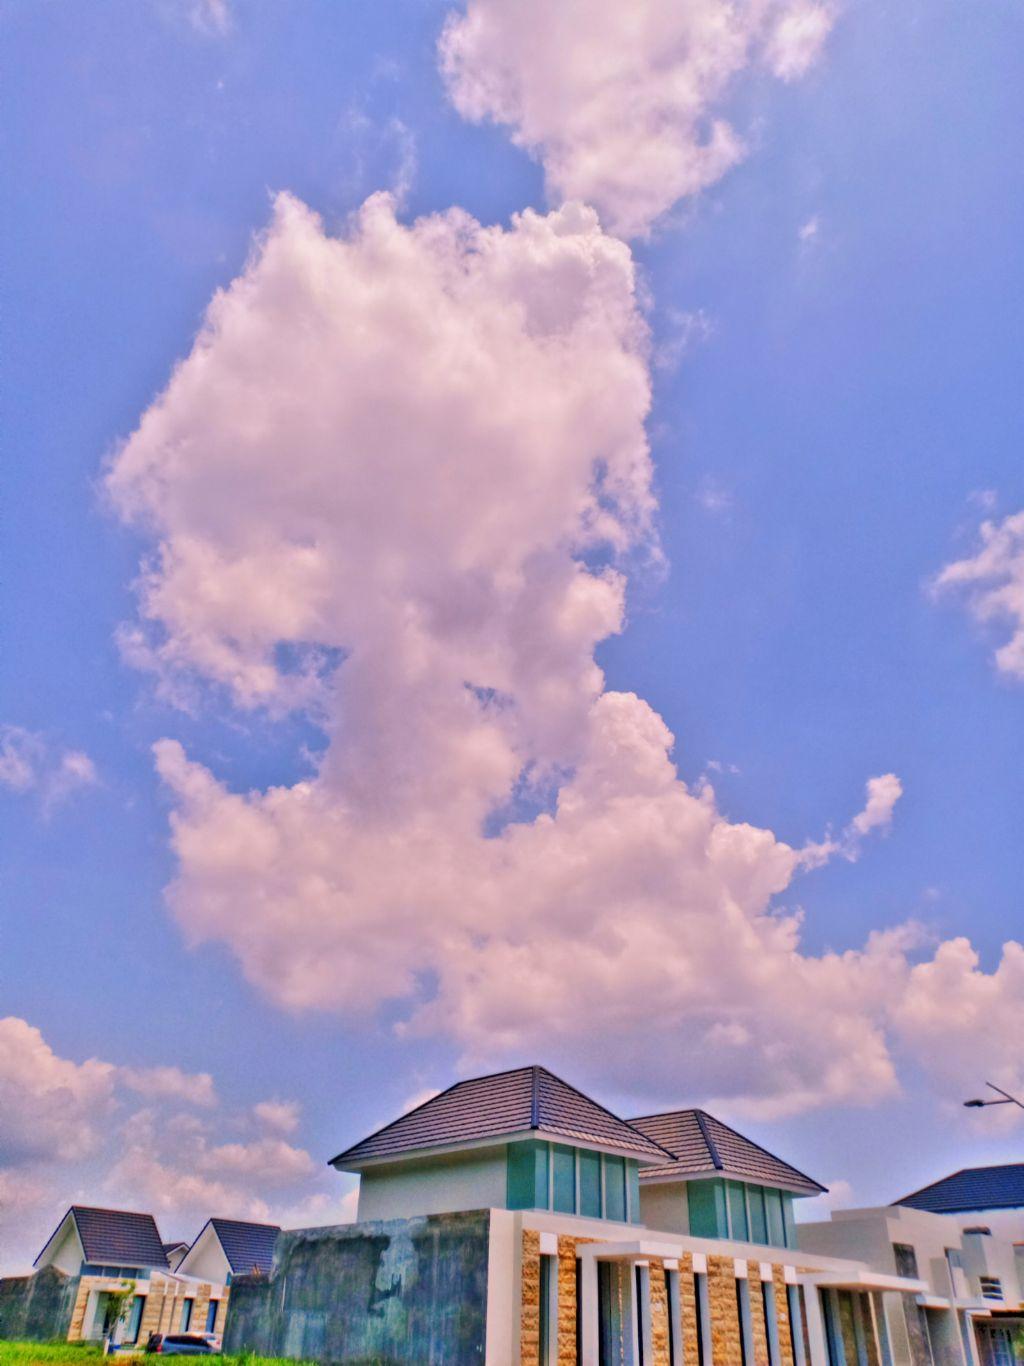 #freetoedit #myclick📷 #edited#neighborhood #home#house#sky#clouds#fataleffect